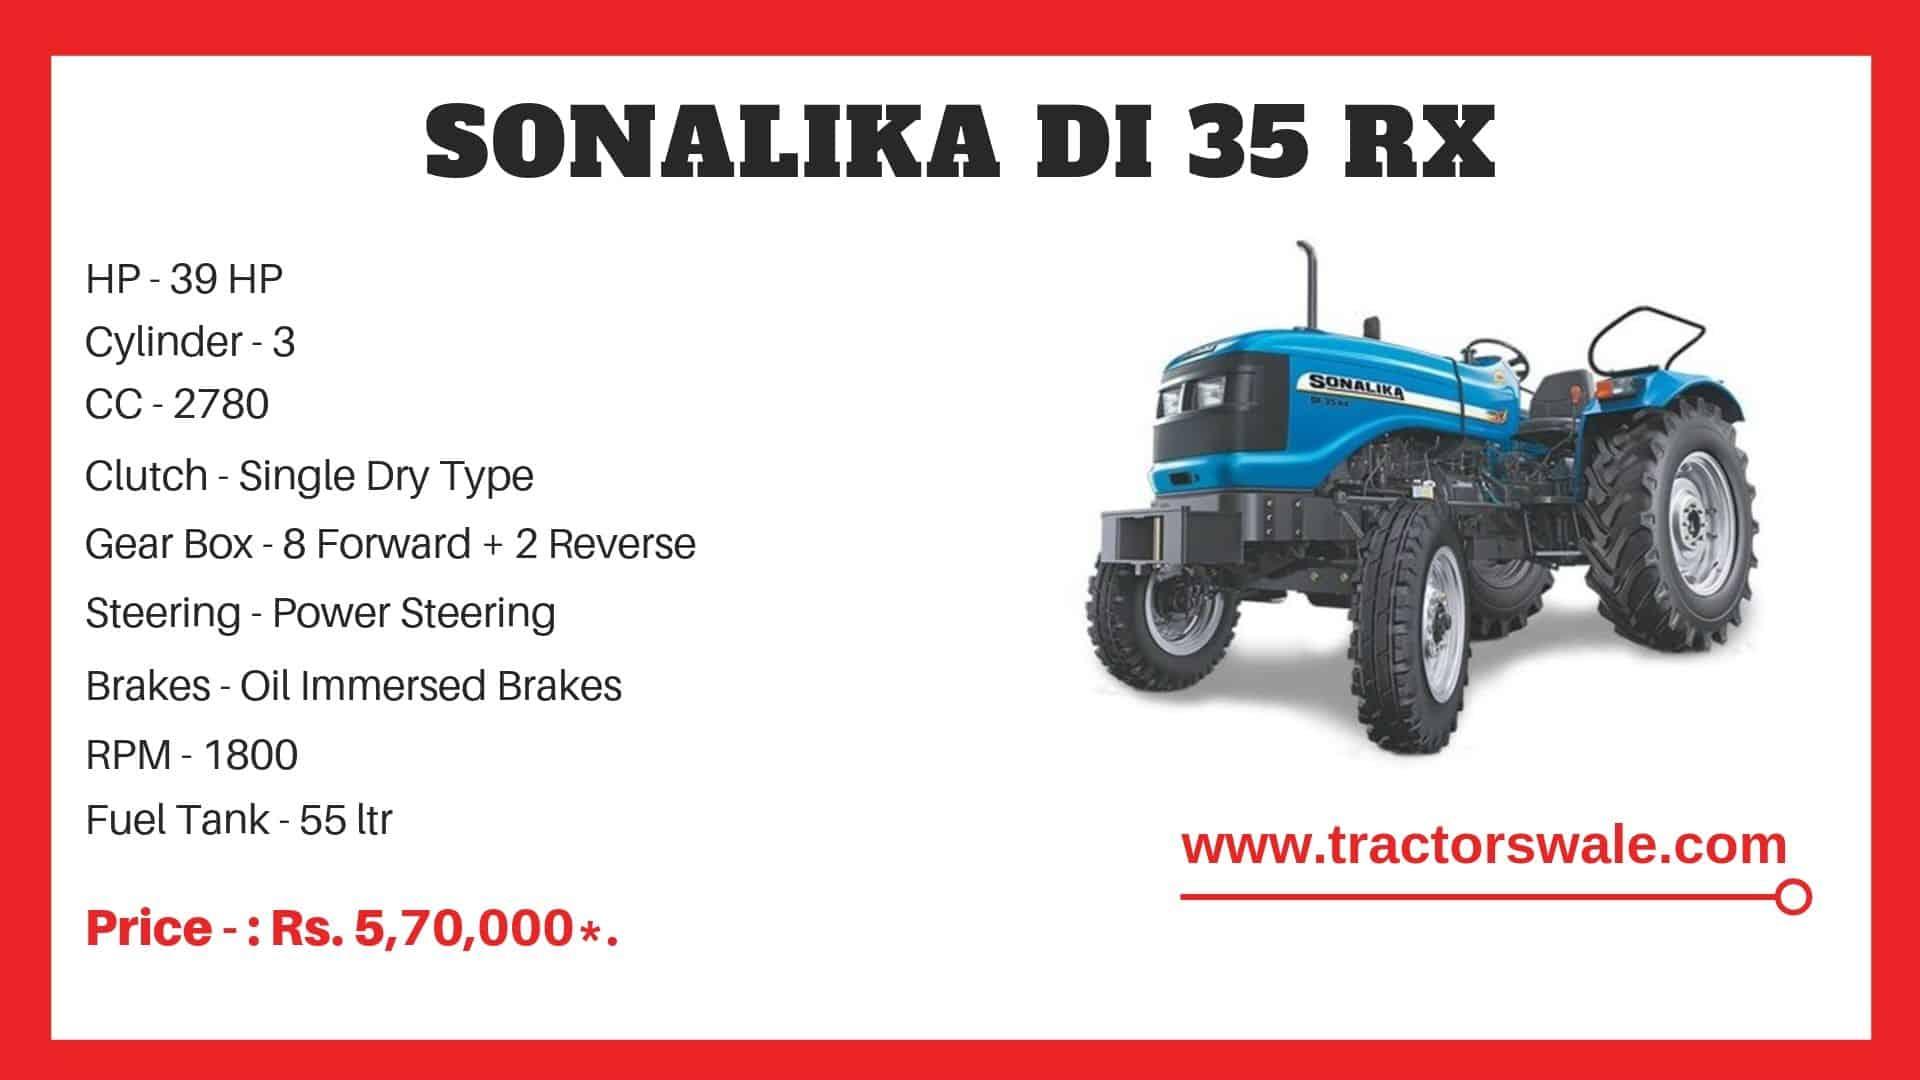 Sonalika DI 35 RX tractor specs